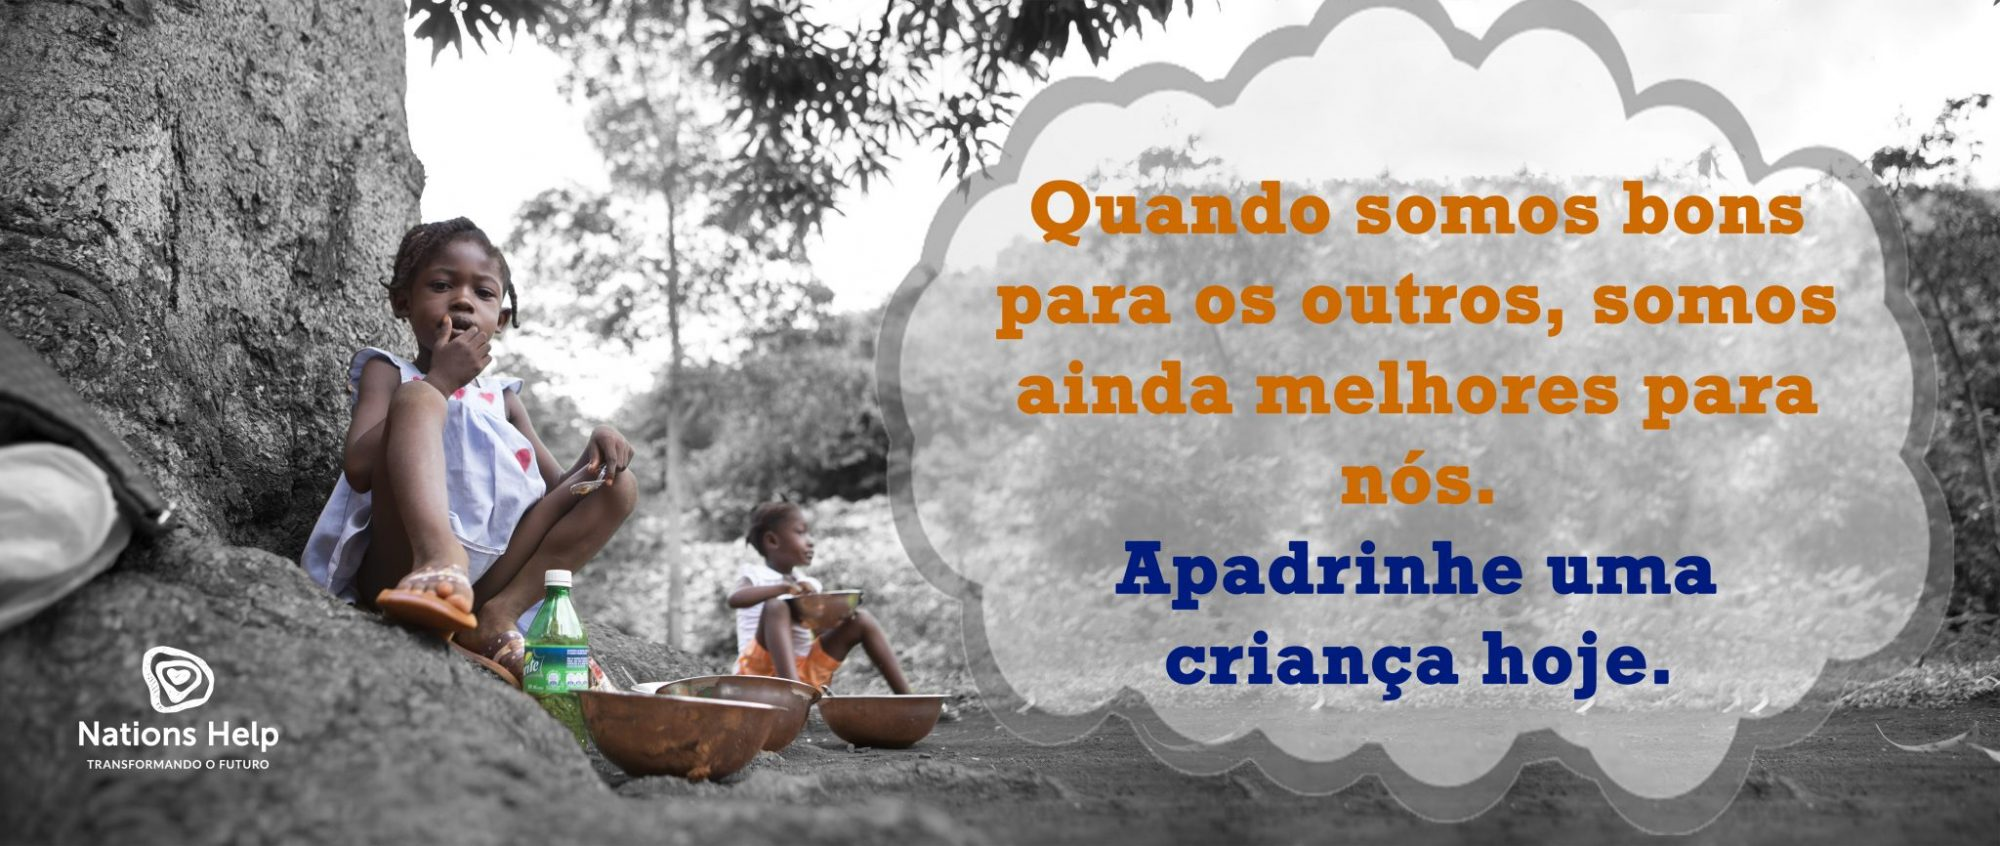 Apadrinhamento-18.08.17-Slide-Site